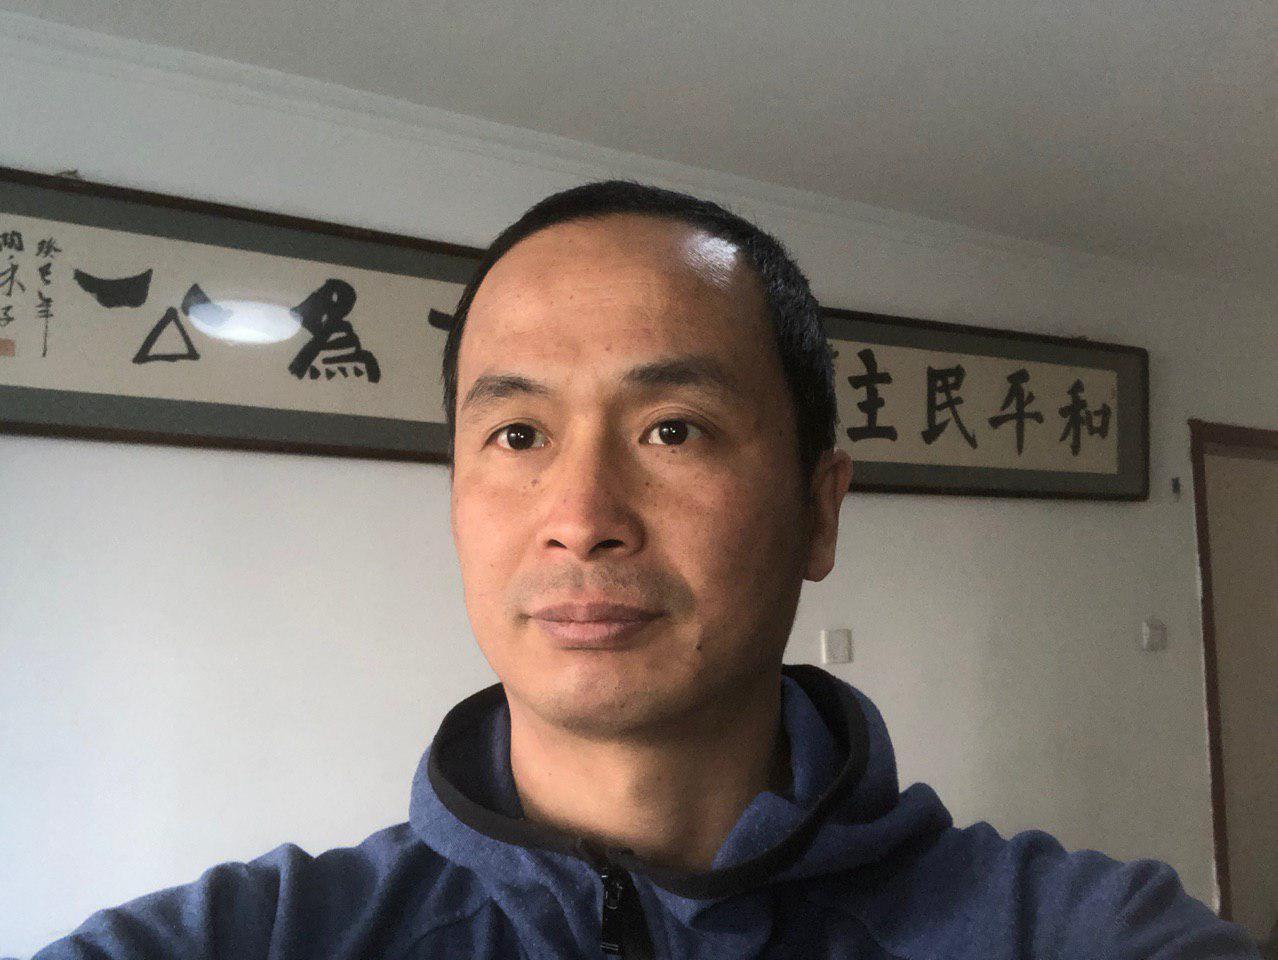 北京維權律師謝燕益讚譽法輪功4.25和平大上訪的意義。(大紀元資料室)